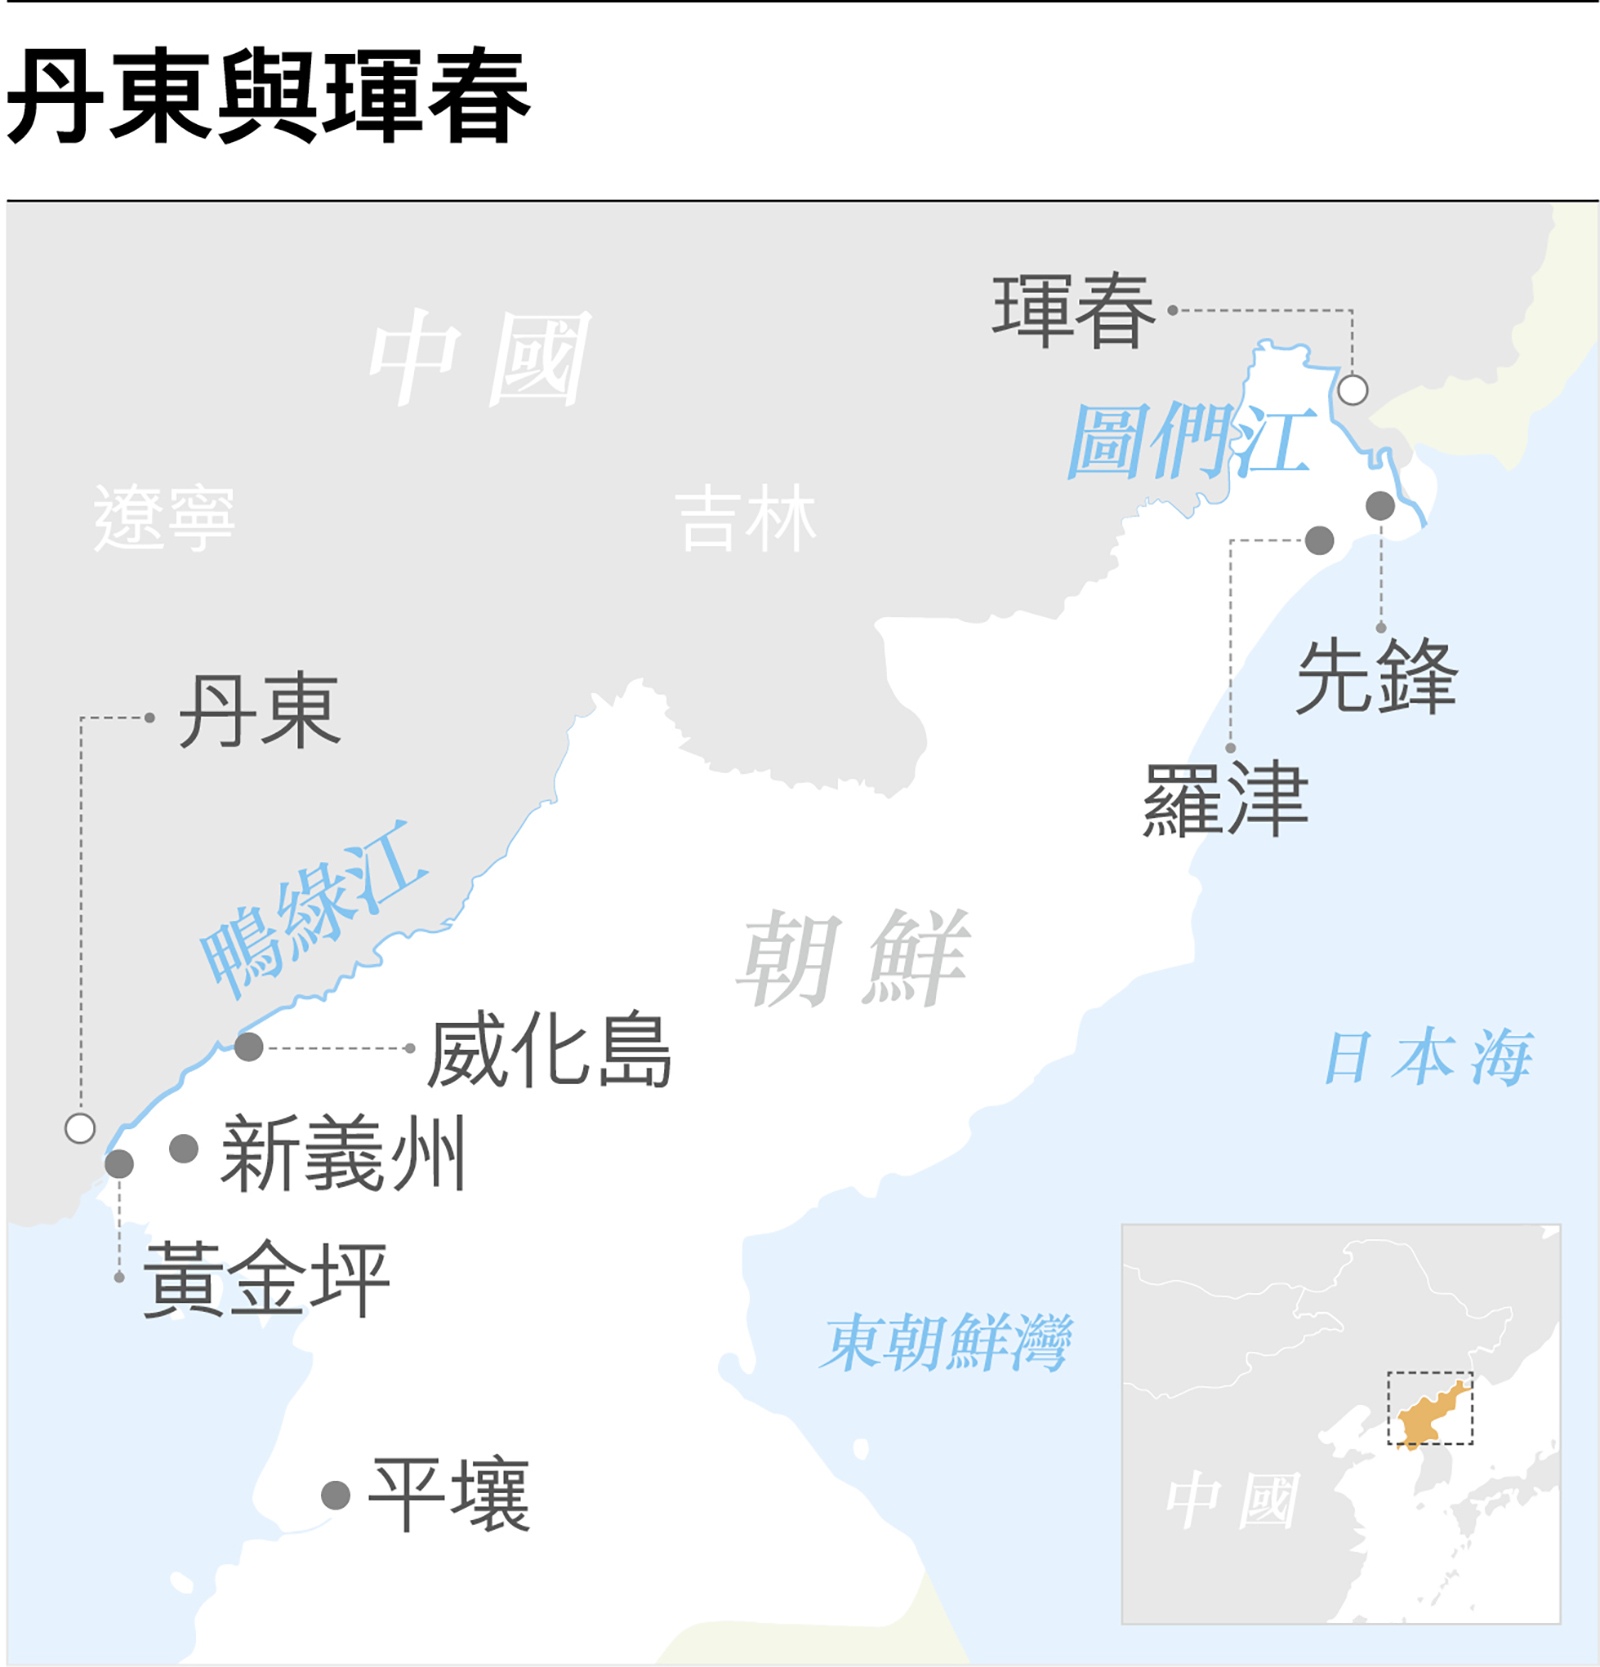 邊城興衰 丹東與琿春的「雙城記」-多維cn期刊-多維新聞網